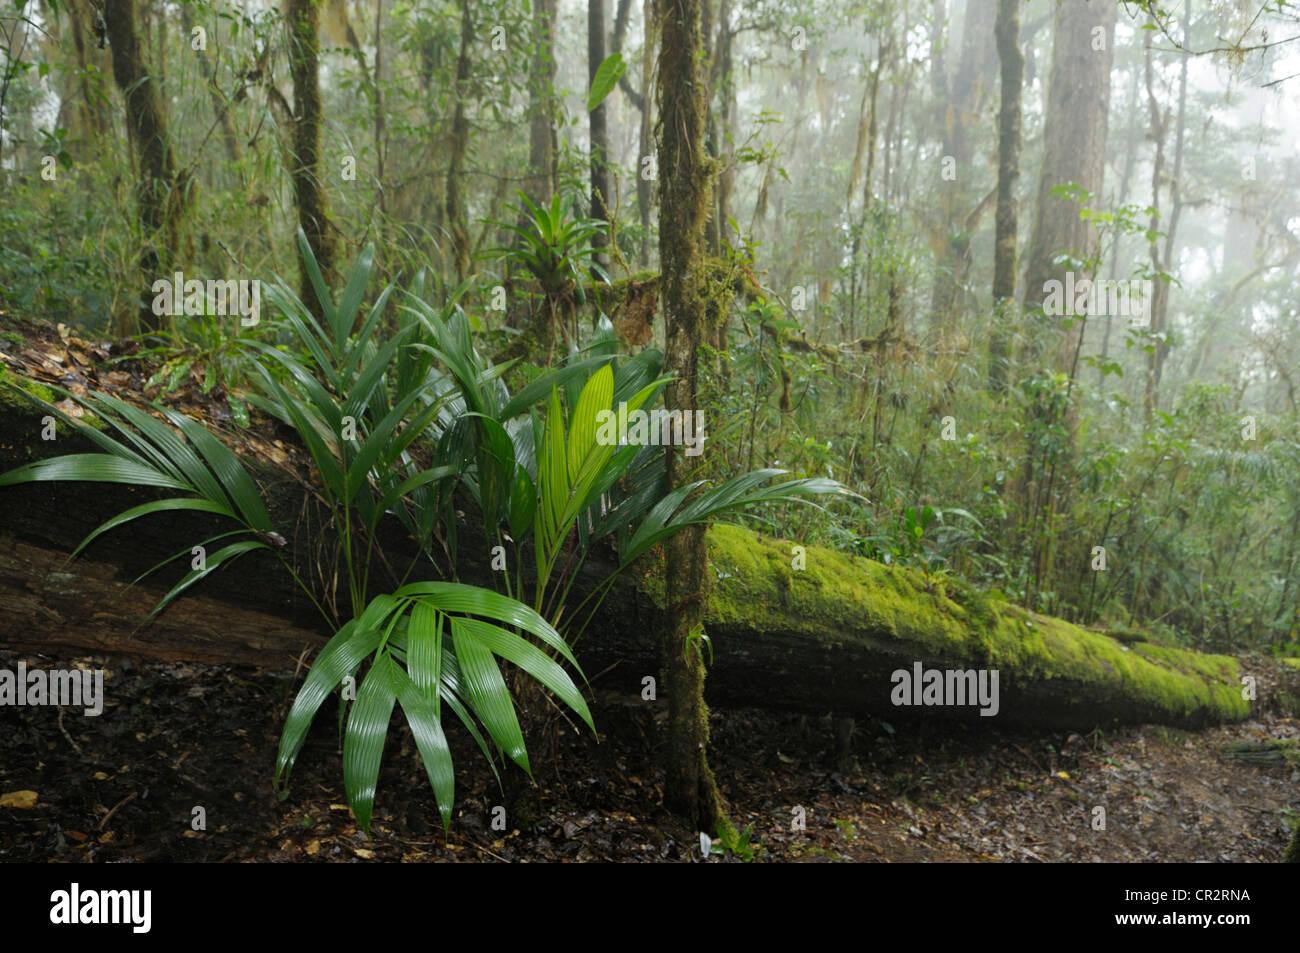 Forêt tropicale humide, Cerro de la Muerte, Costa Rica Photo Stock